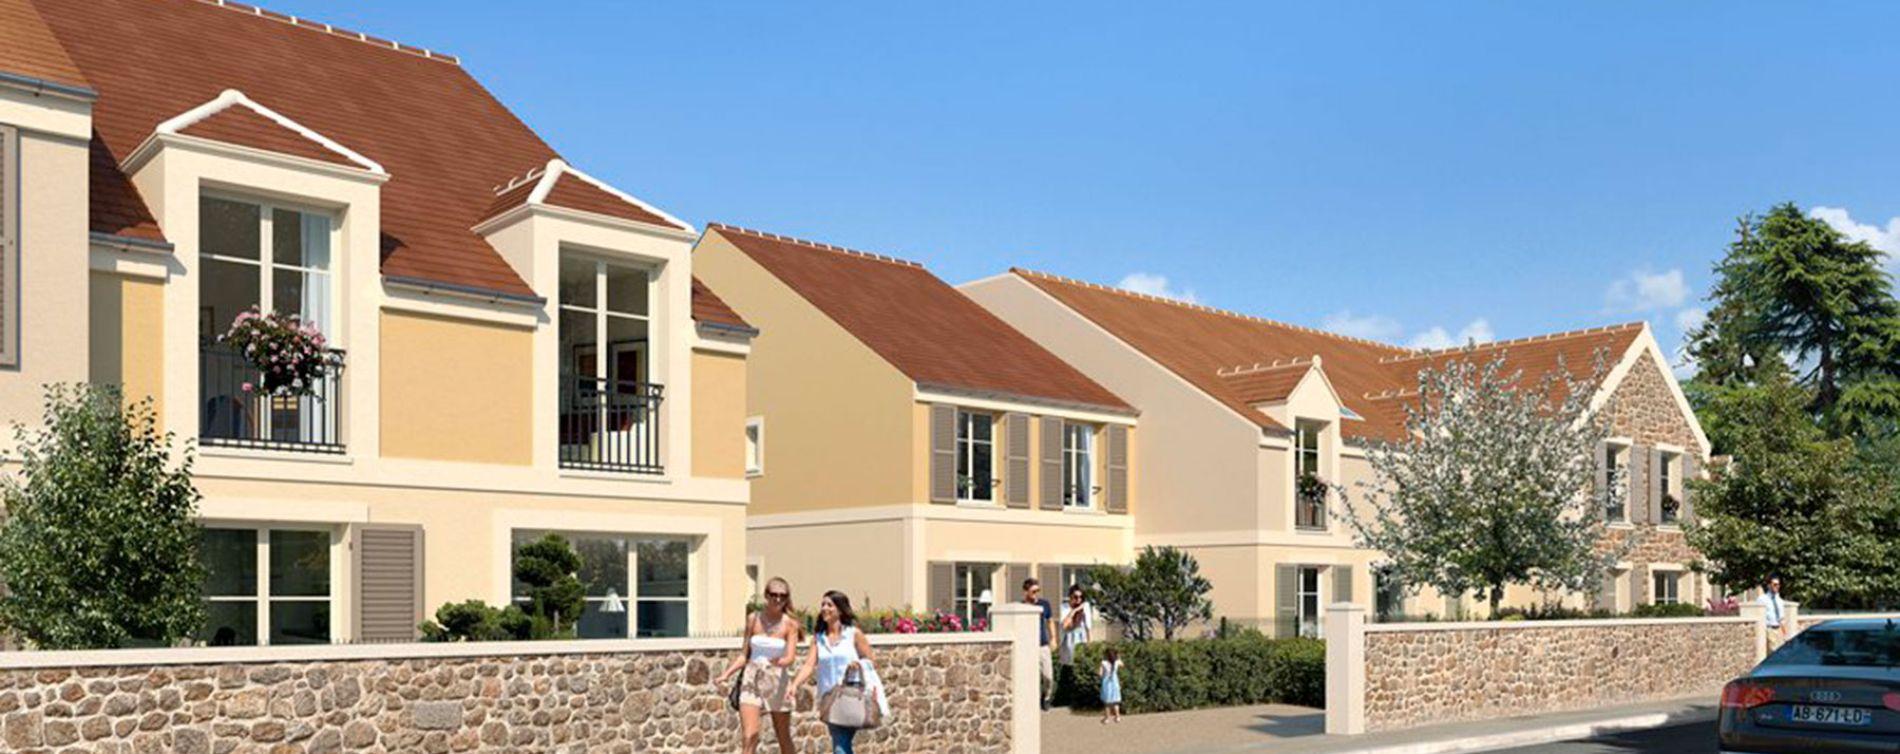 Résidence Cottages à Magny-les-Hameaux